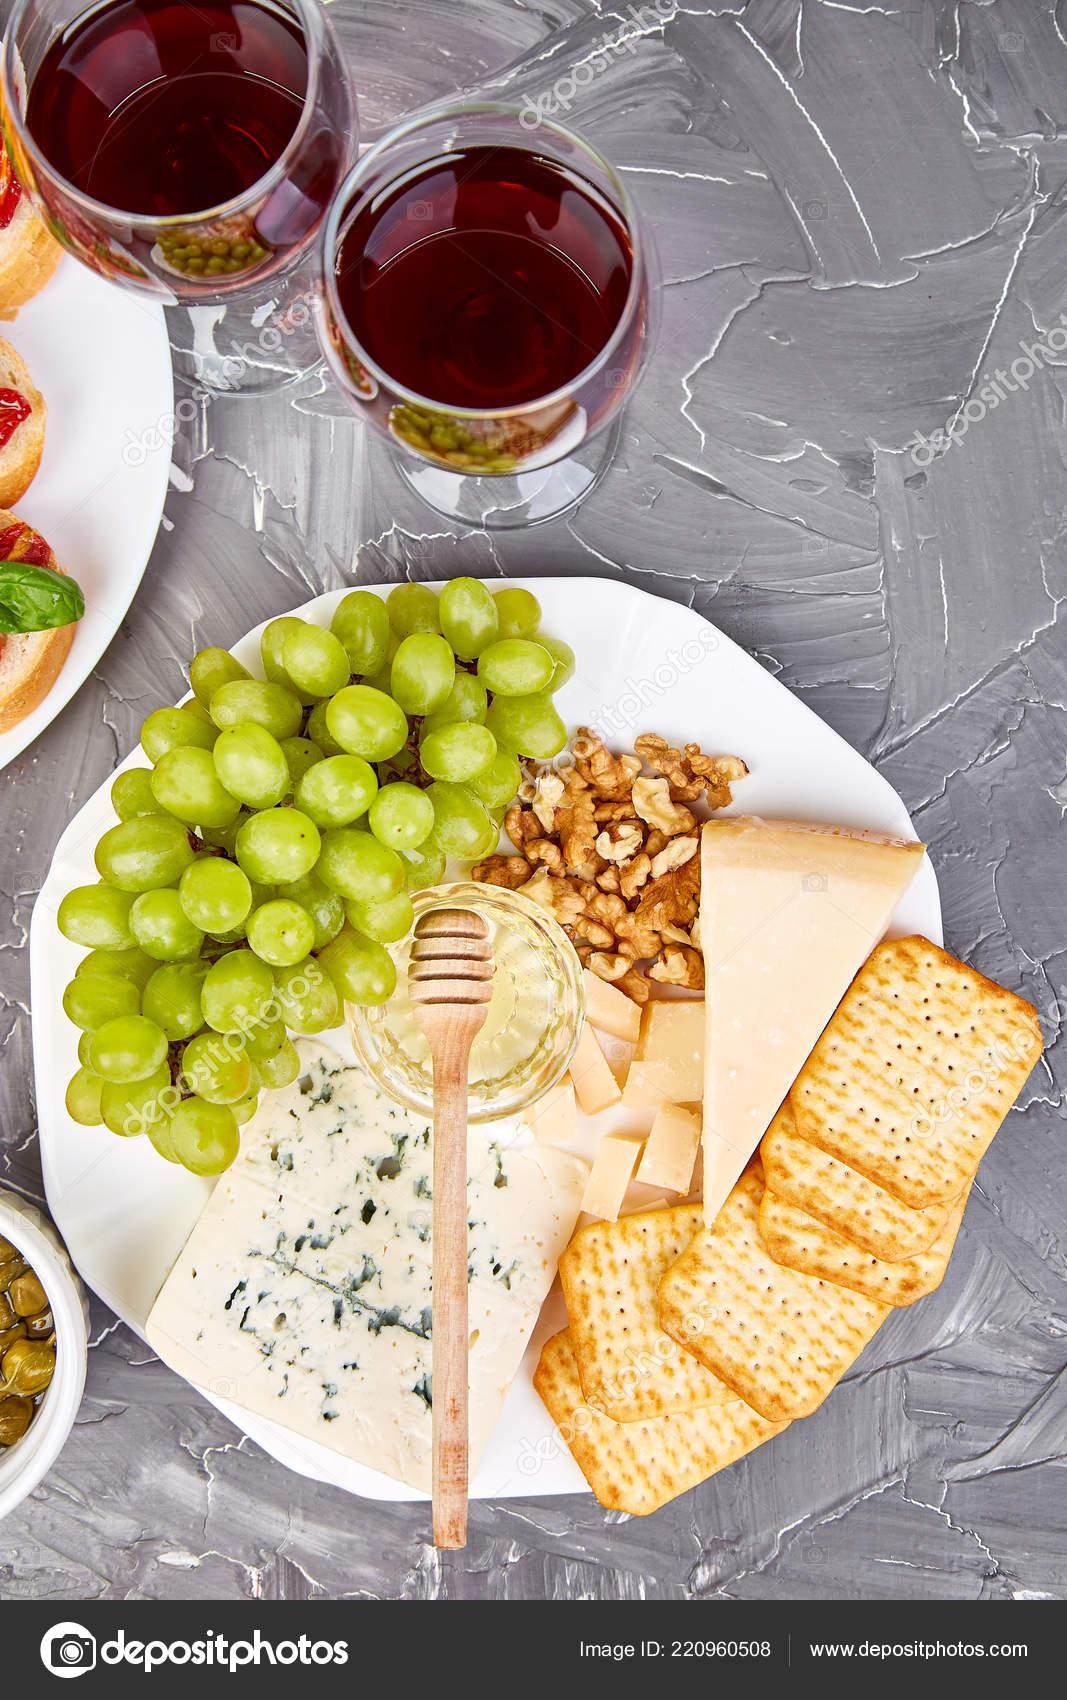 Cheese Plate Variety Wine Glasses Grunge Grey Background Italian Antipasti Stock Photo C Bondarillia 220960508